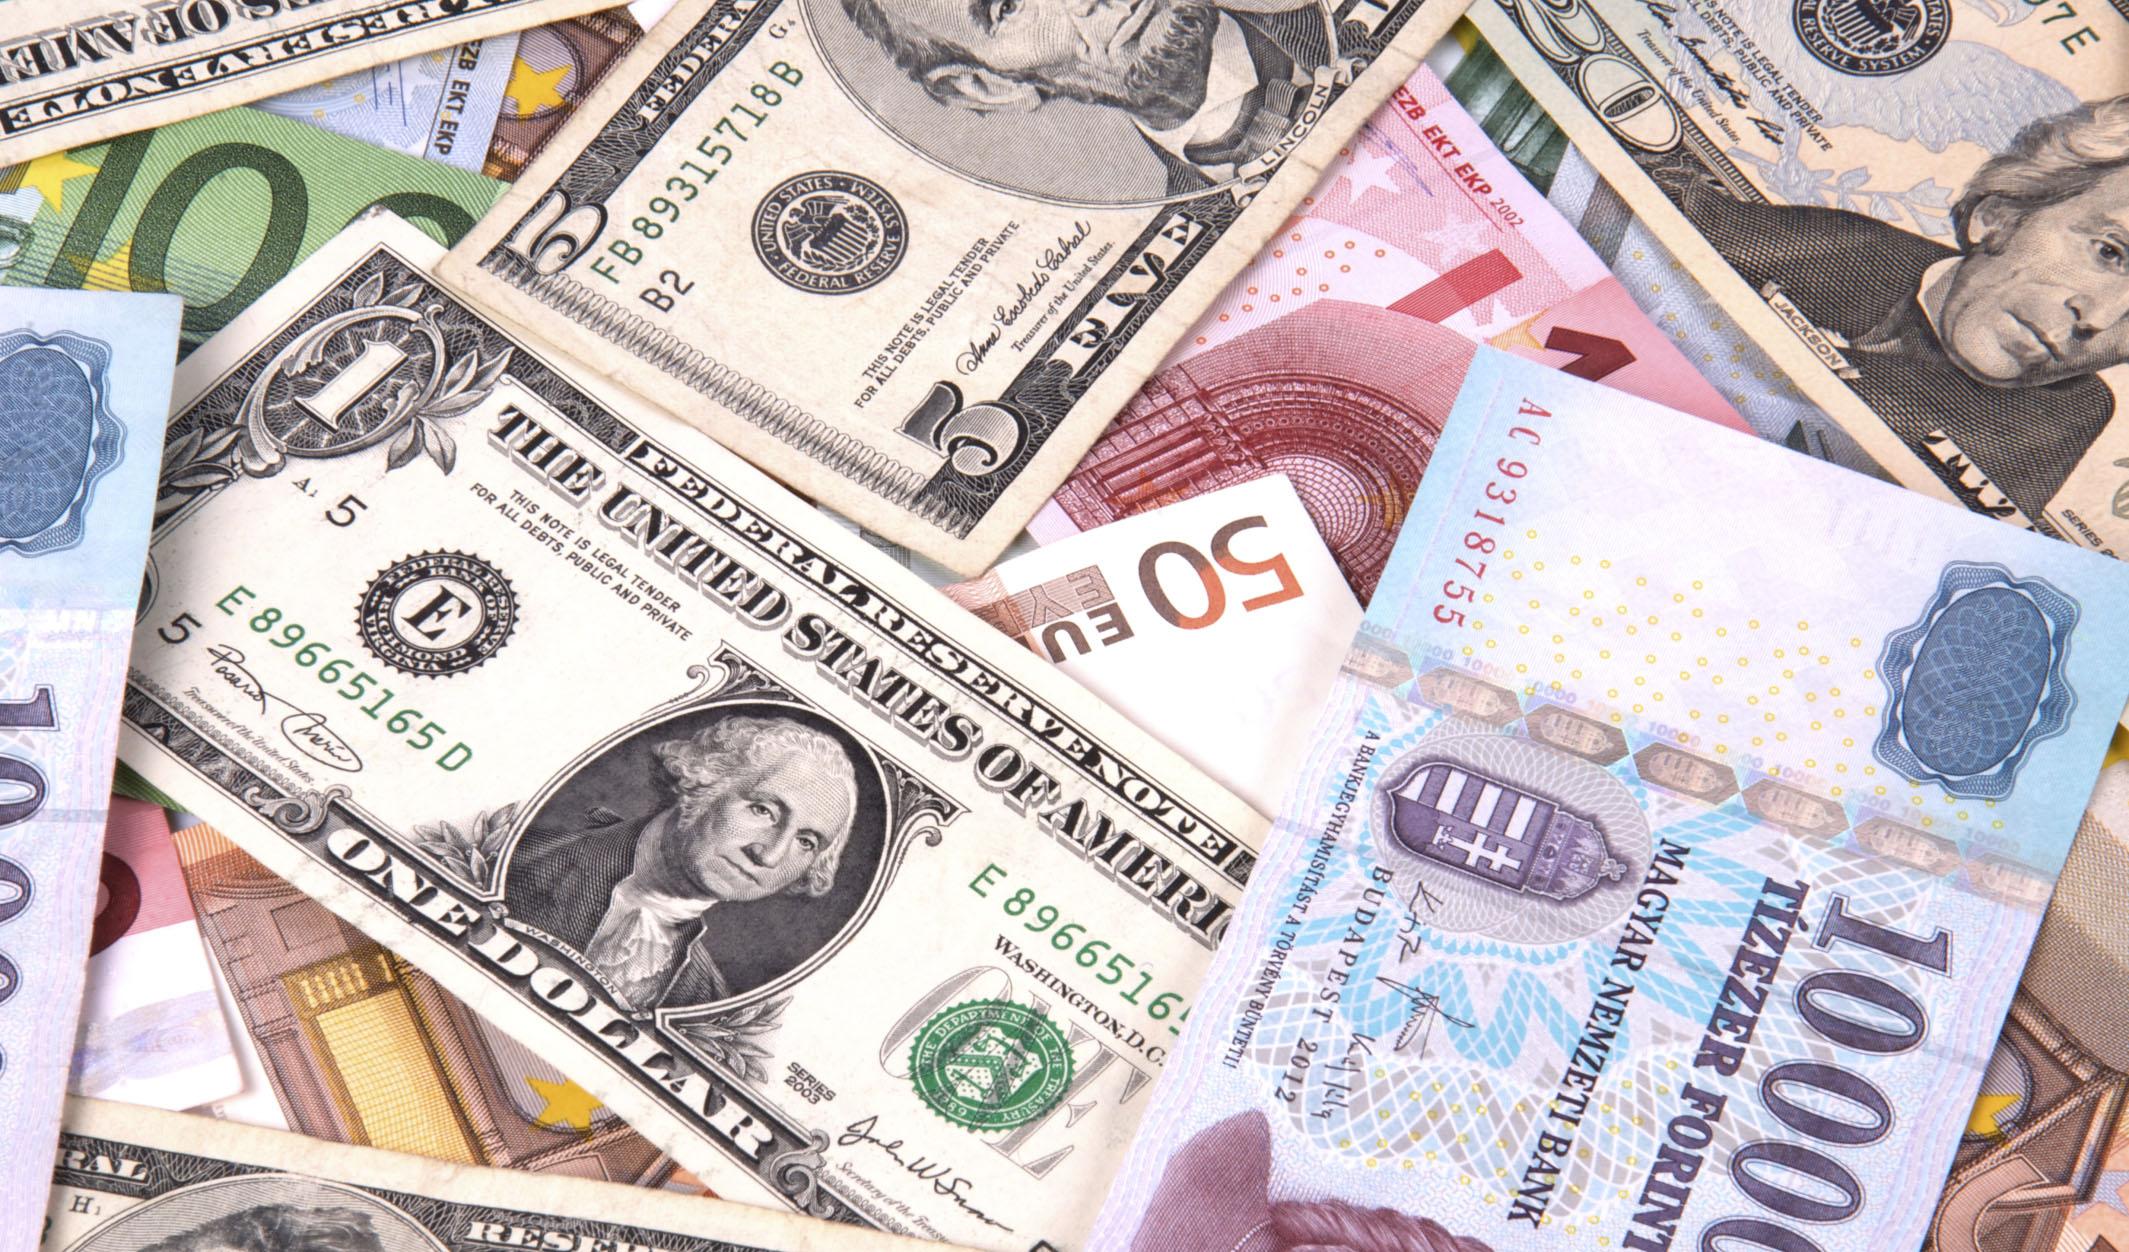 شیوه نامه رسیدگی مالیاتی به خریدهای ارزی ابلاغ شد